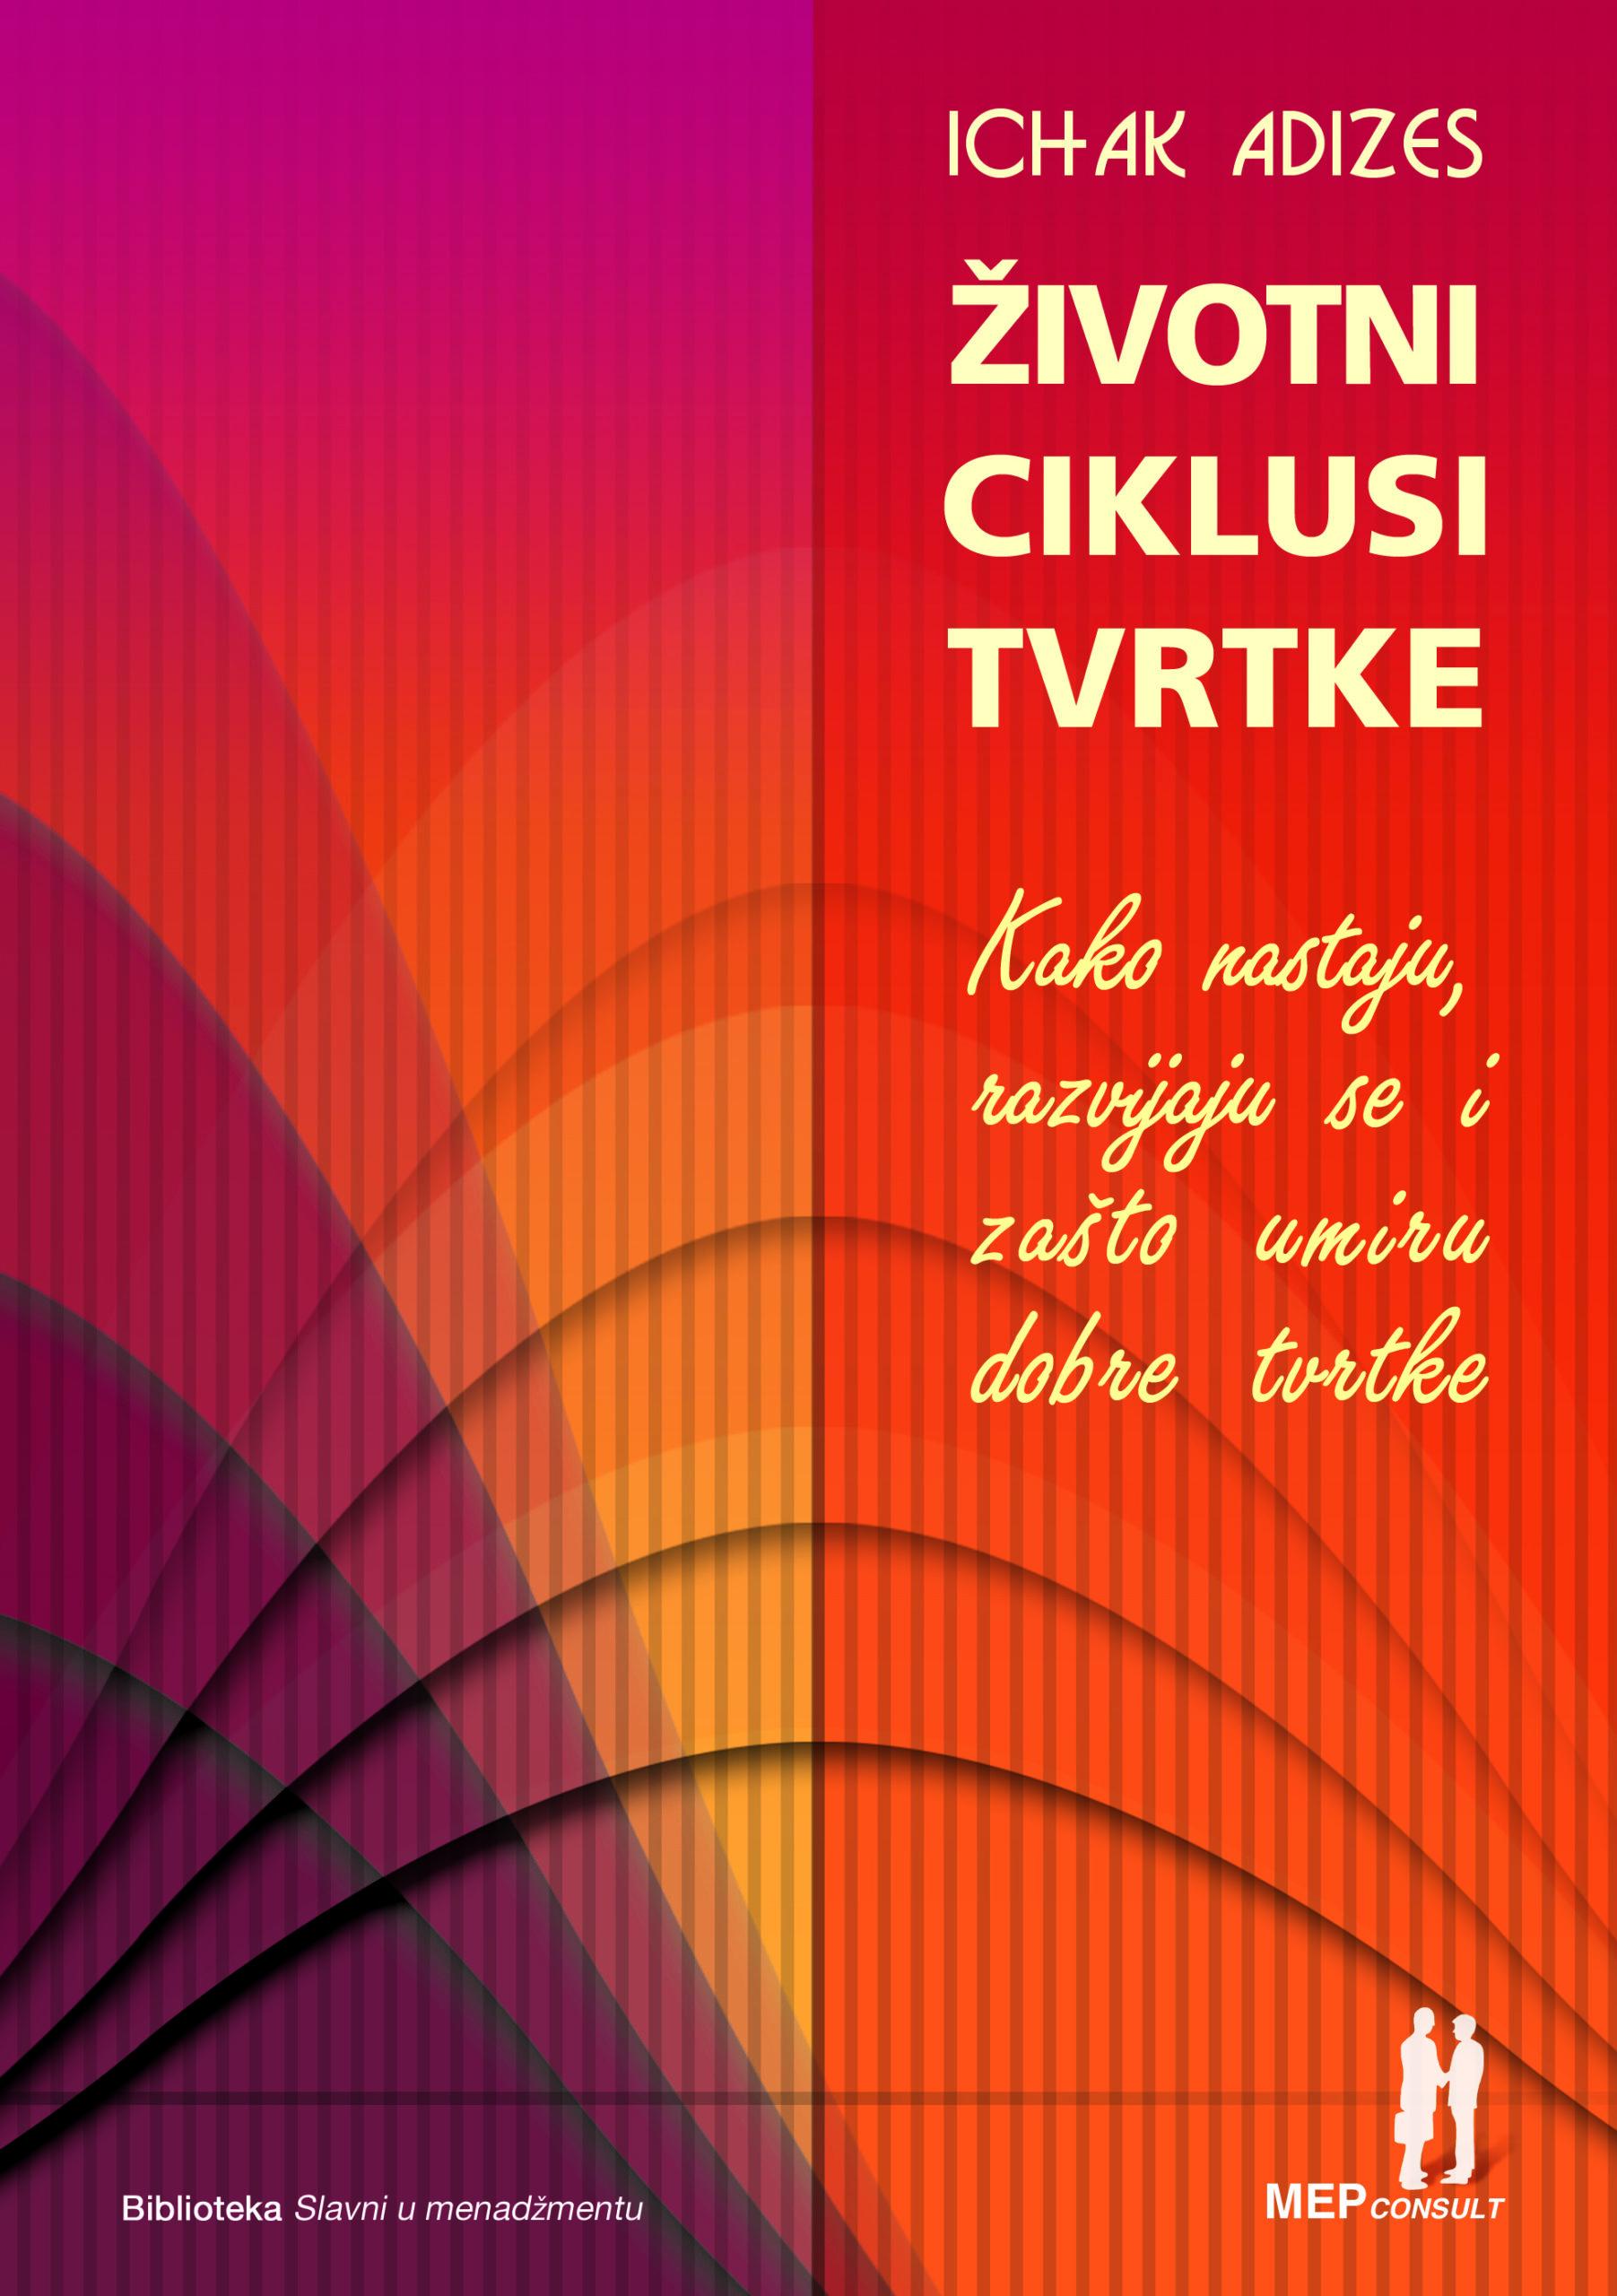 ŽIVOTNI CIKLUSI TVRTKE - Naruči svoju knjigu